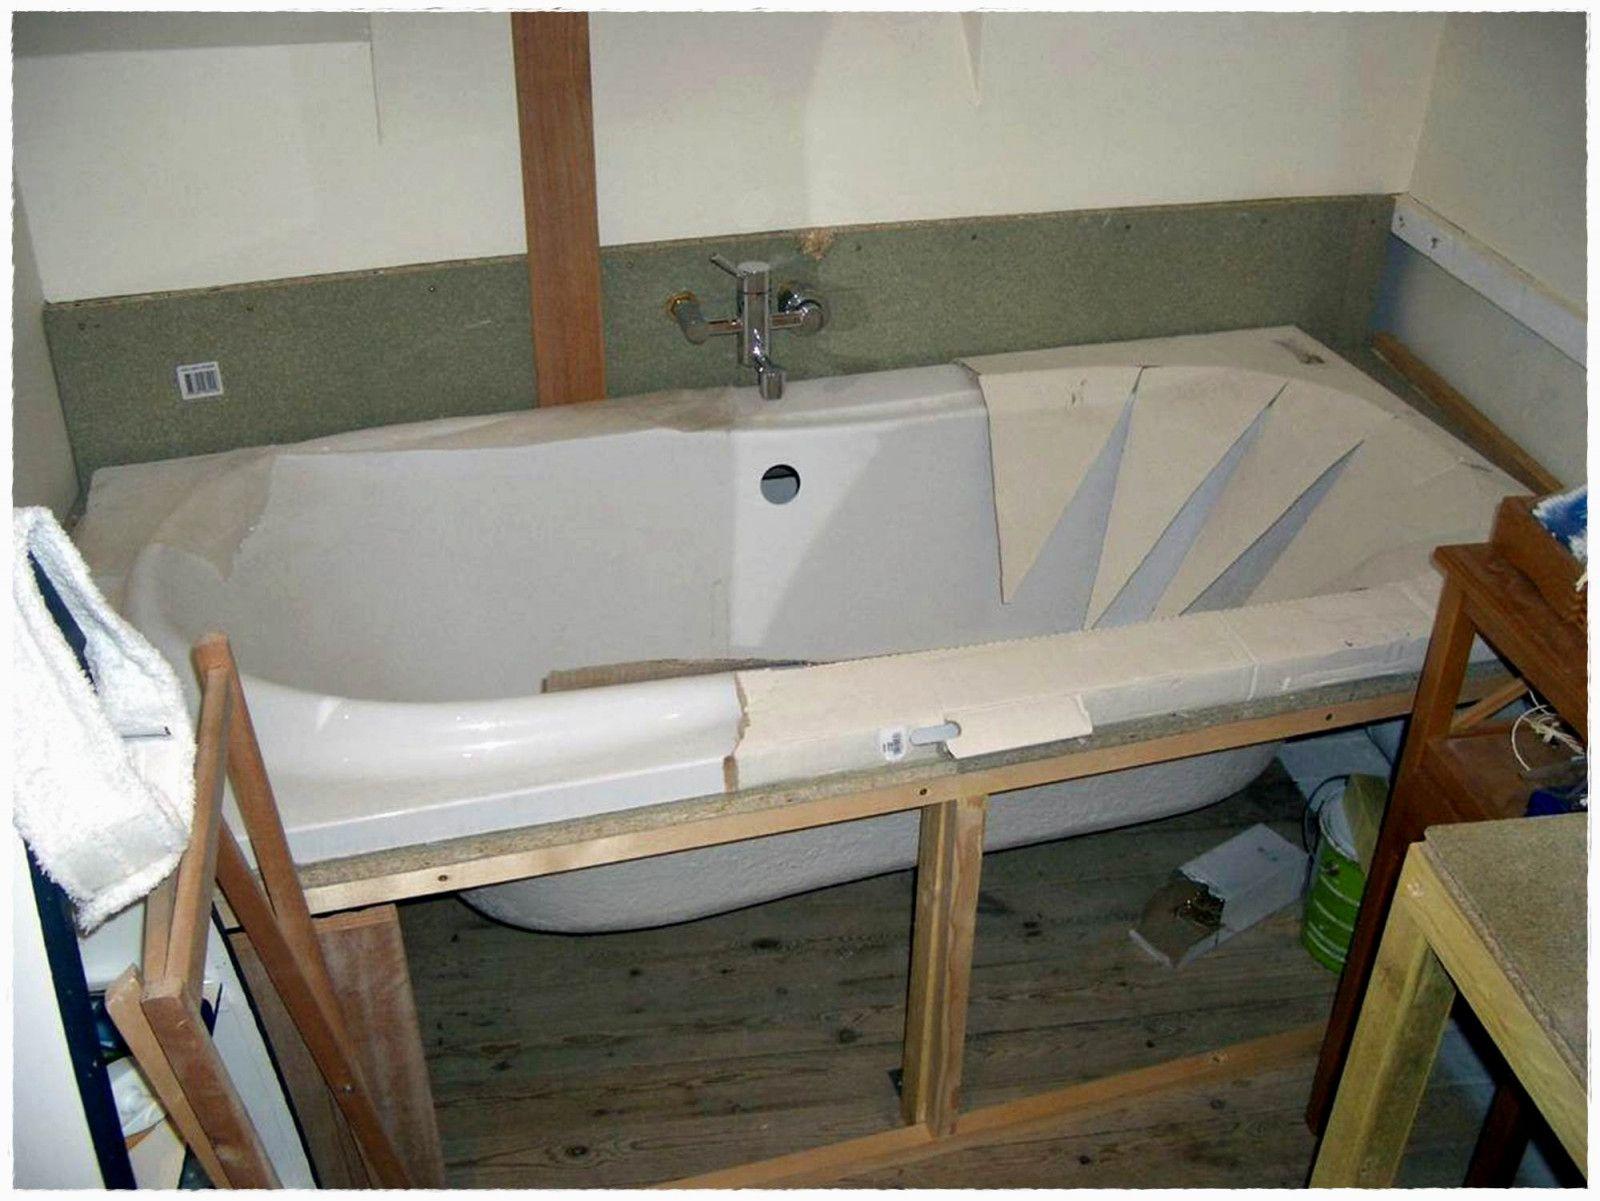 Grande Baignoire D Angle Grande Baignoire D Angle Baignoire D Angle 135x135 120x120 140x140 Aquarine Baignoire D Angle En Puretex Avec Grande Bathtub Bathroom